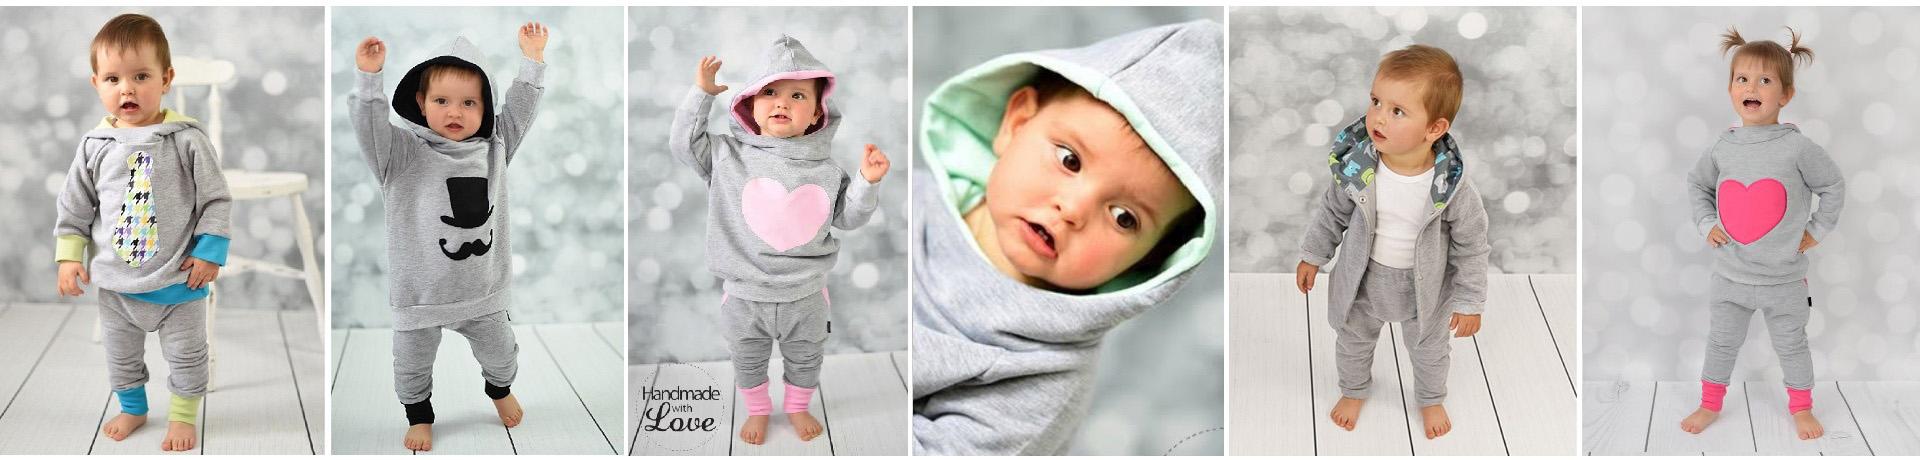 Preverite ponudbo prikupnih otroških oblačil v spletni trgovini WOW! Baby